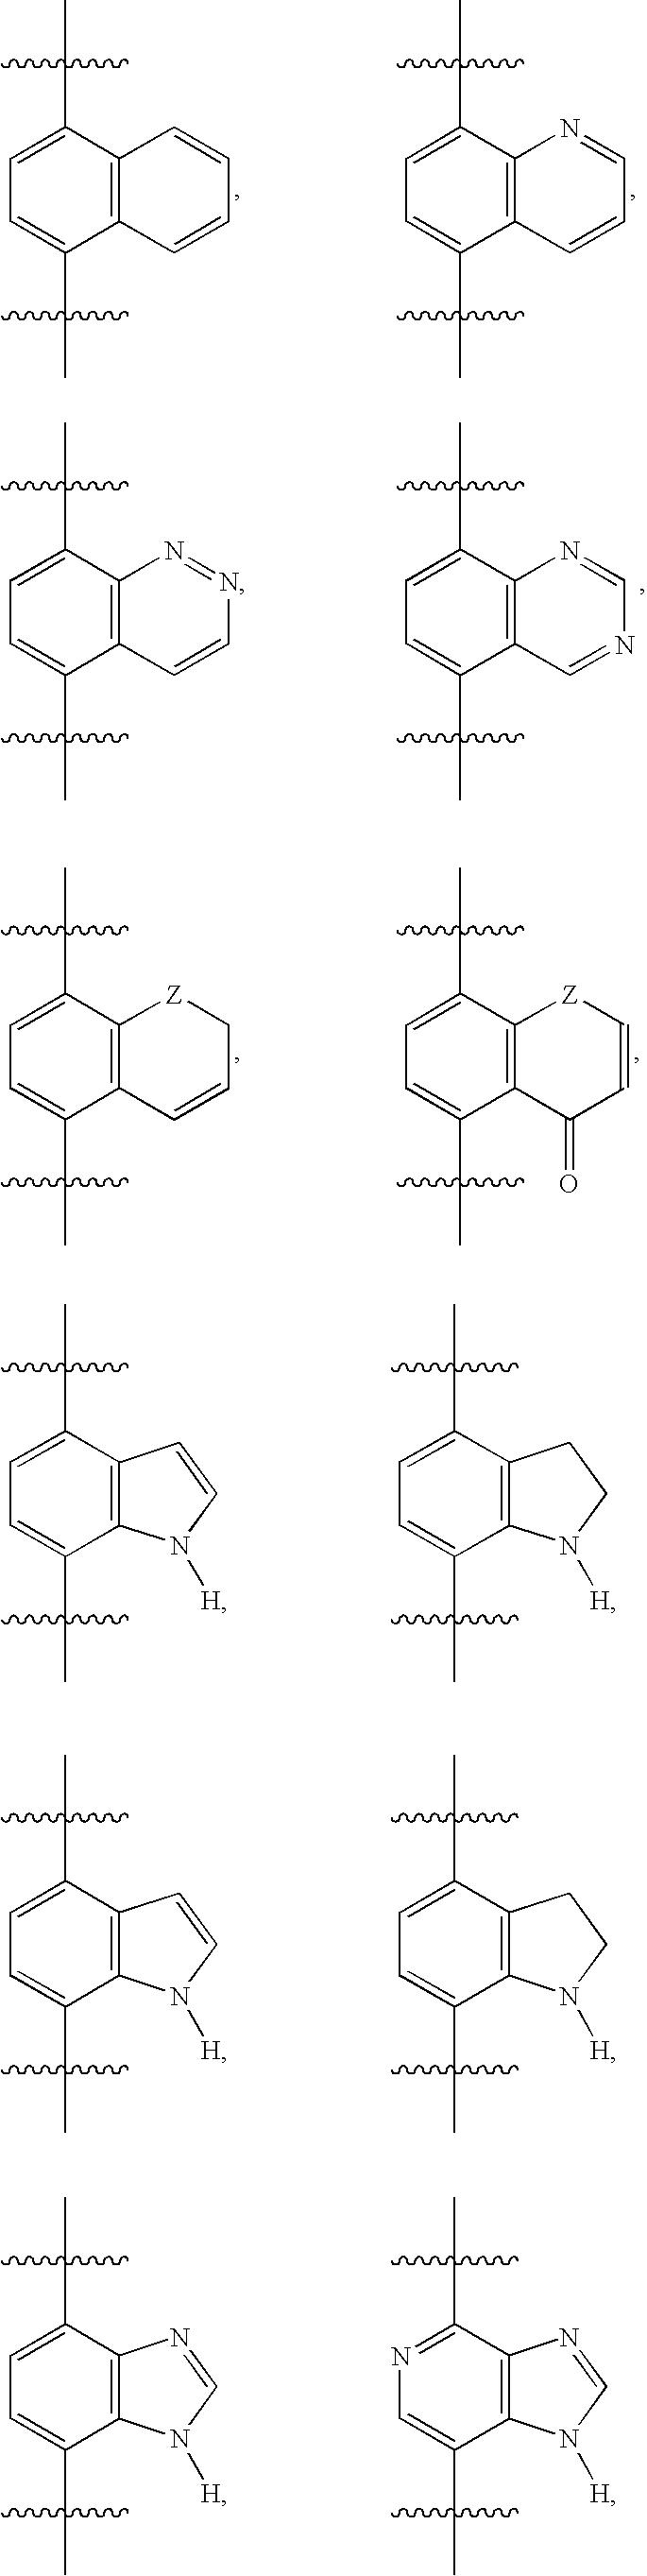 Figure US07312246-20071225-C00014